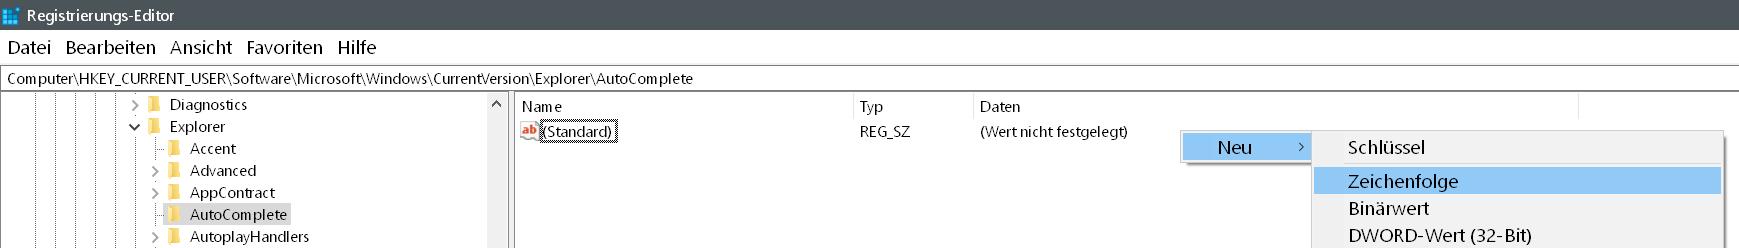 neue zeichenfolge 1 - Windows 10 Autovervollständigung im Windows Explorer deaktivieren